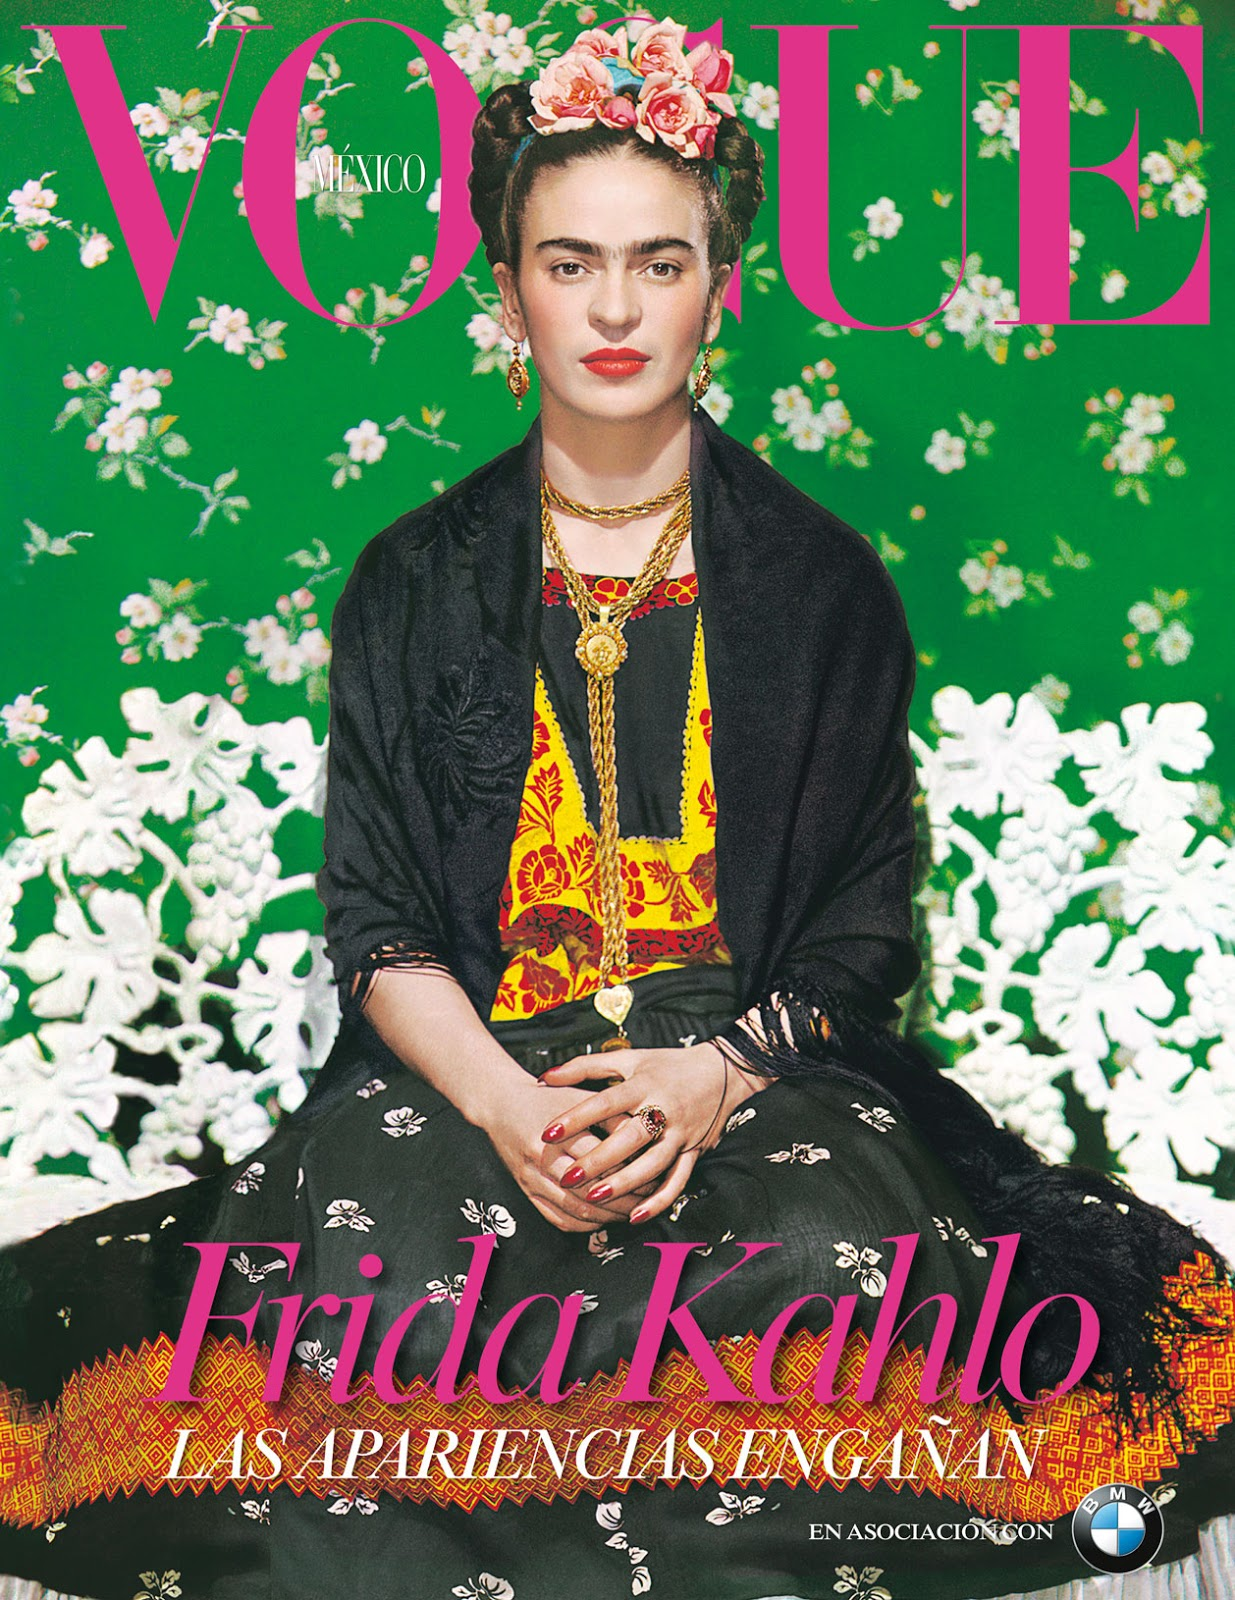 Exhiben las prendas de vestir de frida kahlo que explican - Estilo frida kahlo ...